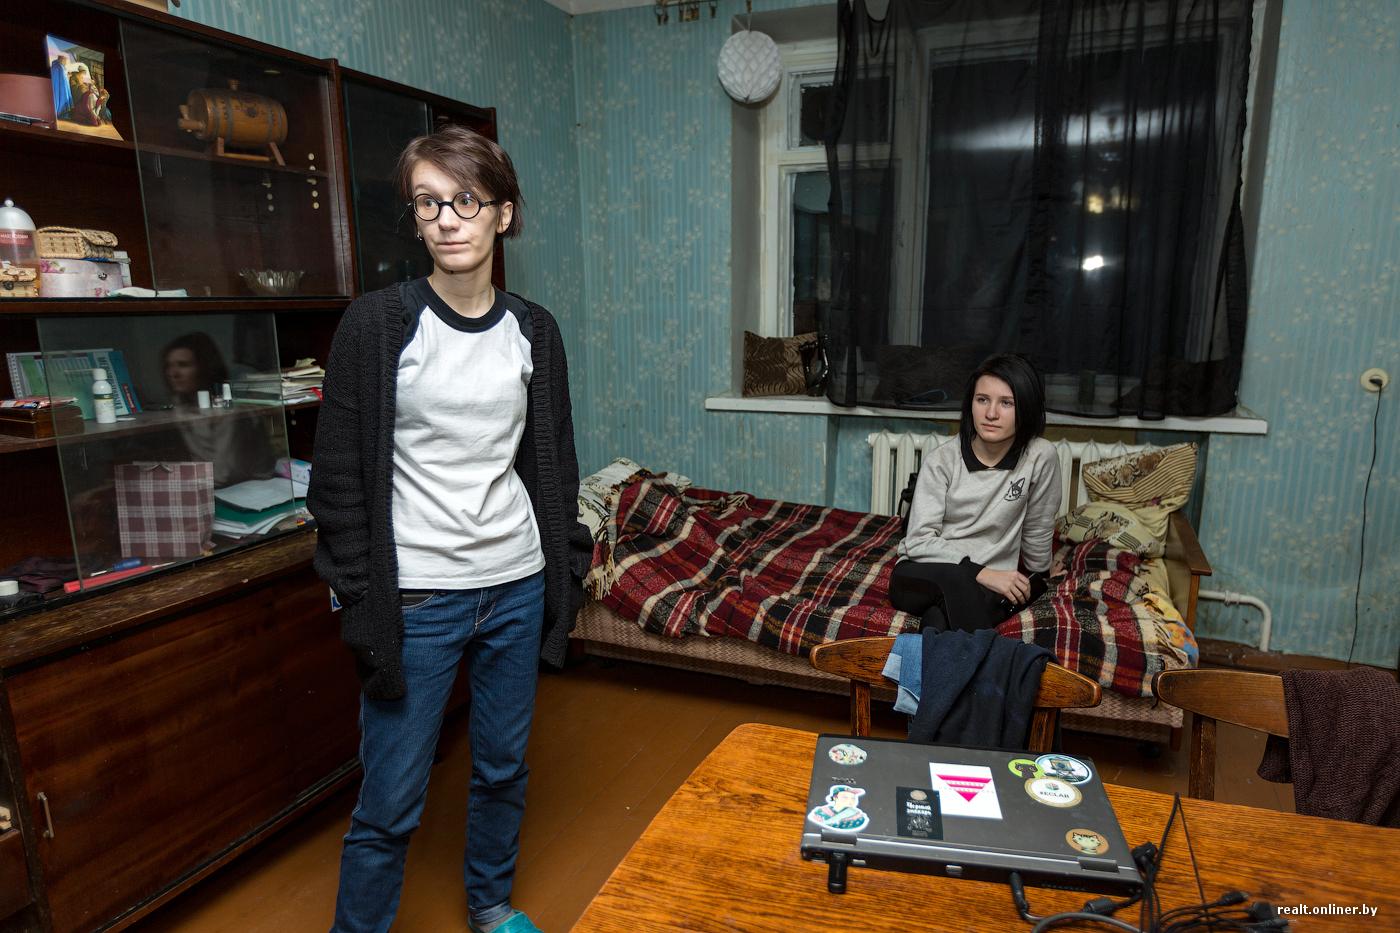 Студентки видео в общаге 2 девочки и мальчик 2 фотография